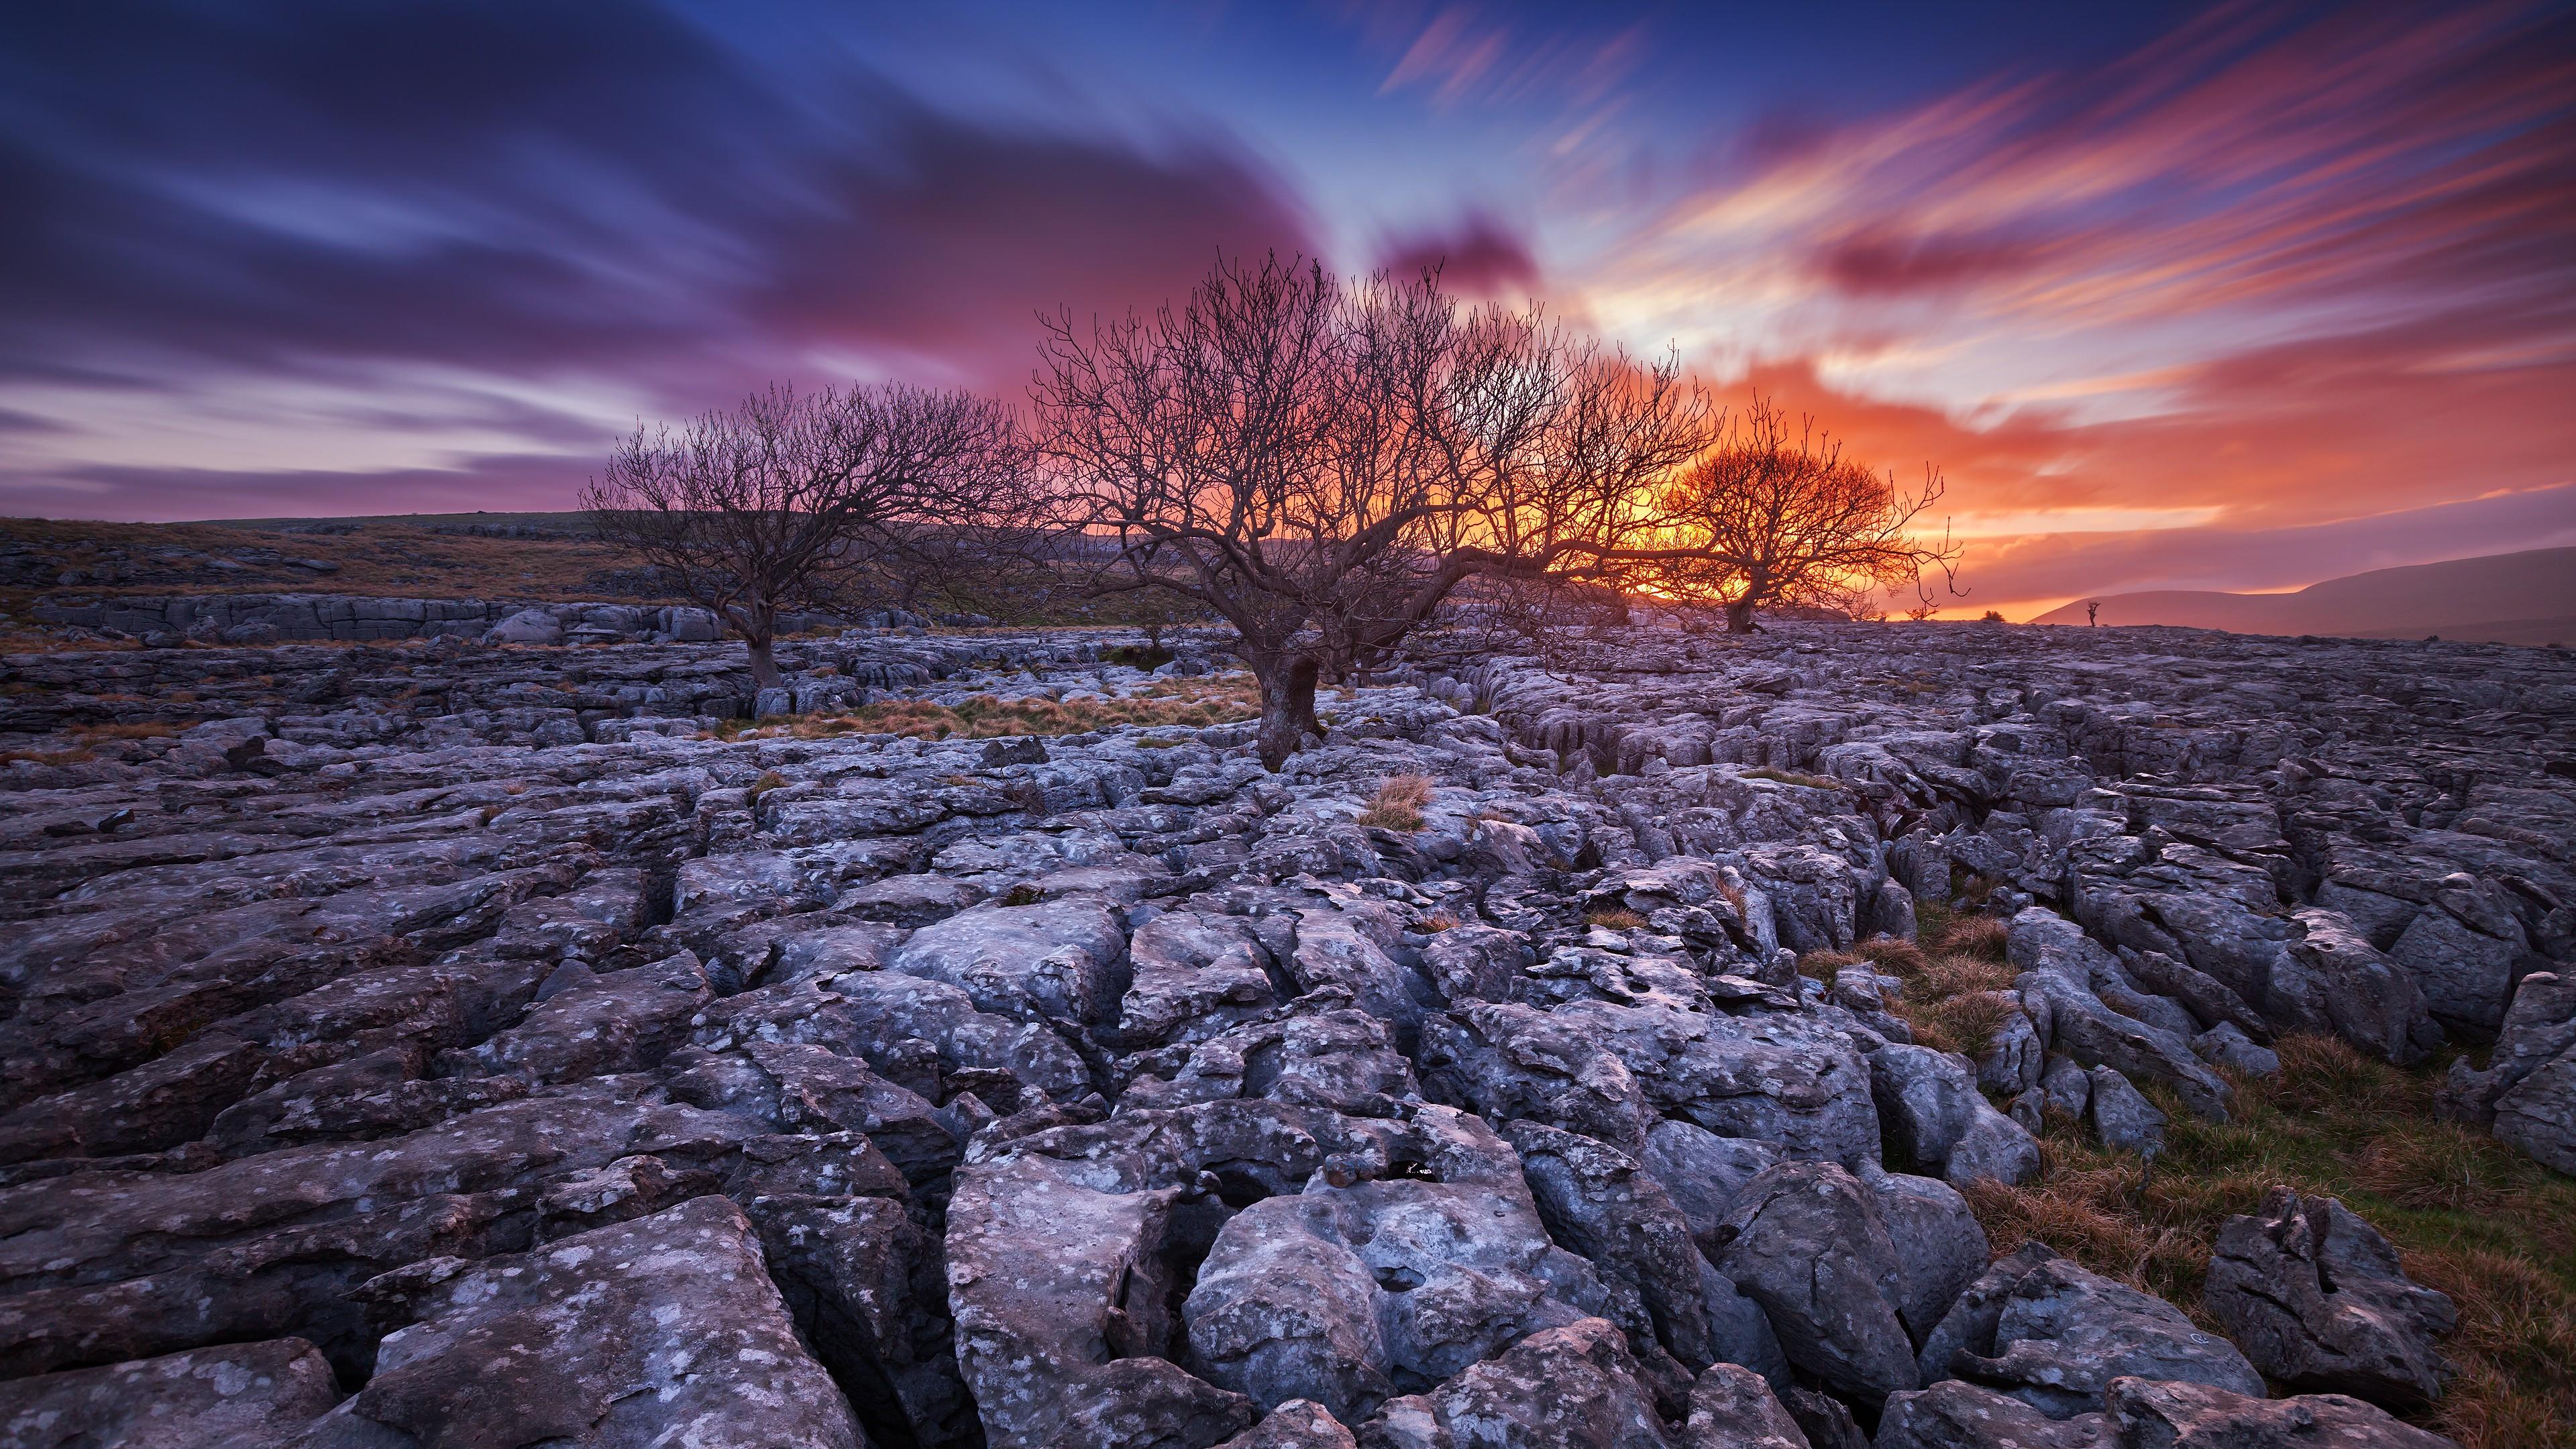 Landscape 4K Ultra HD Wallpaper.